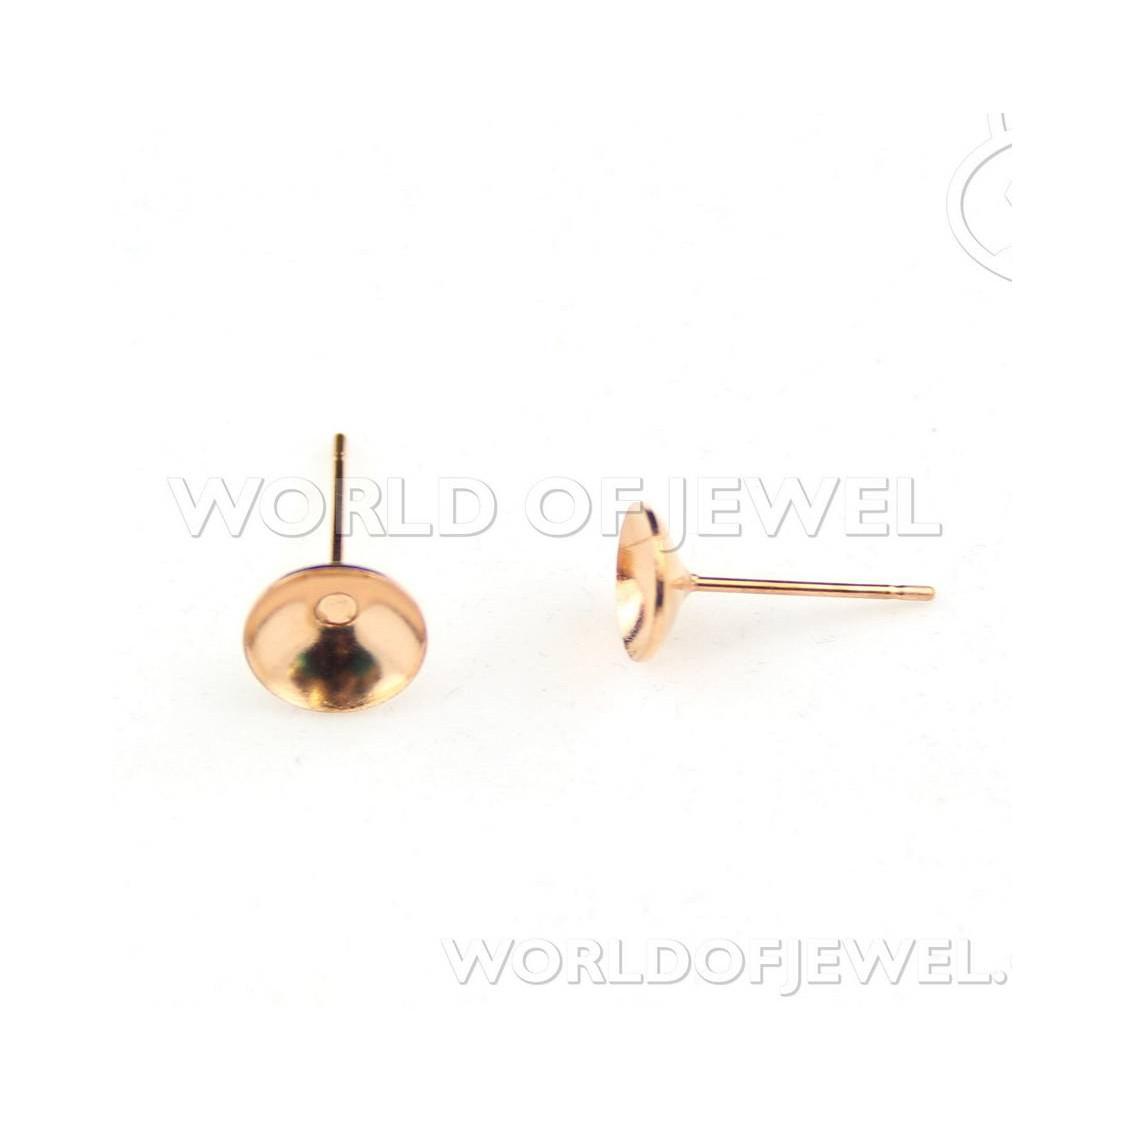 Ciondolo di Argento 925 E Corniola - Tondo Piatto Sfaccettato 40mm